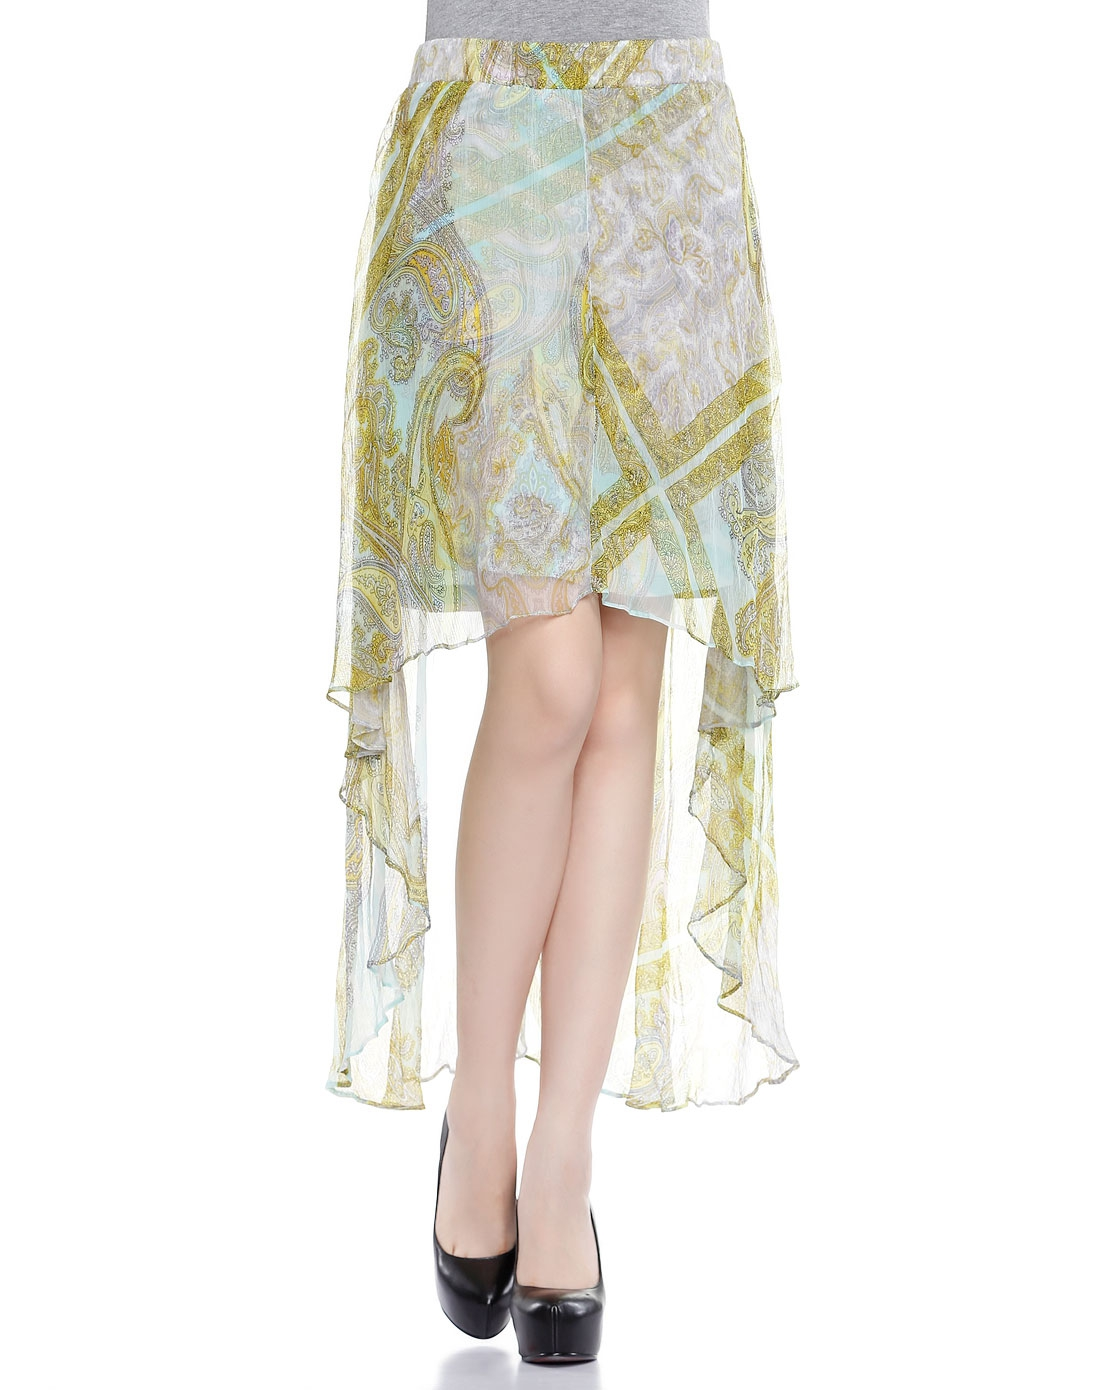 个性裙摆设计浅蓝拼黄绿色半裙